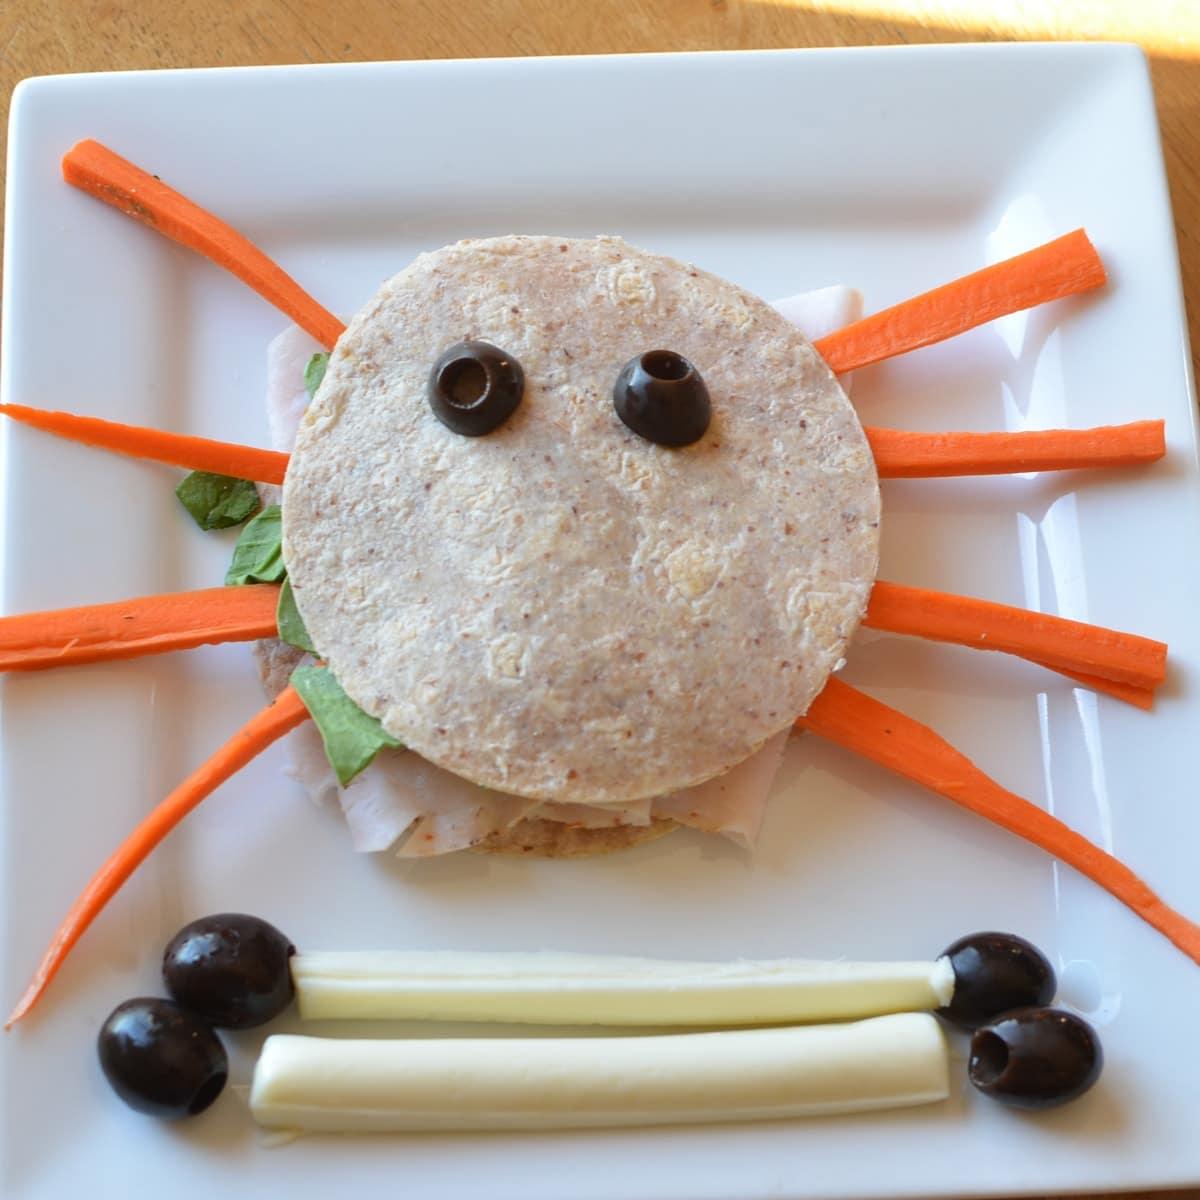 Spider Sandwiches - Super Healthy Kids